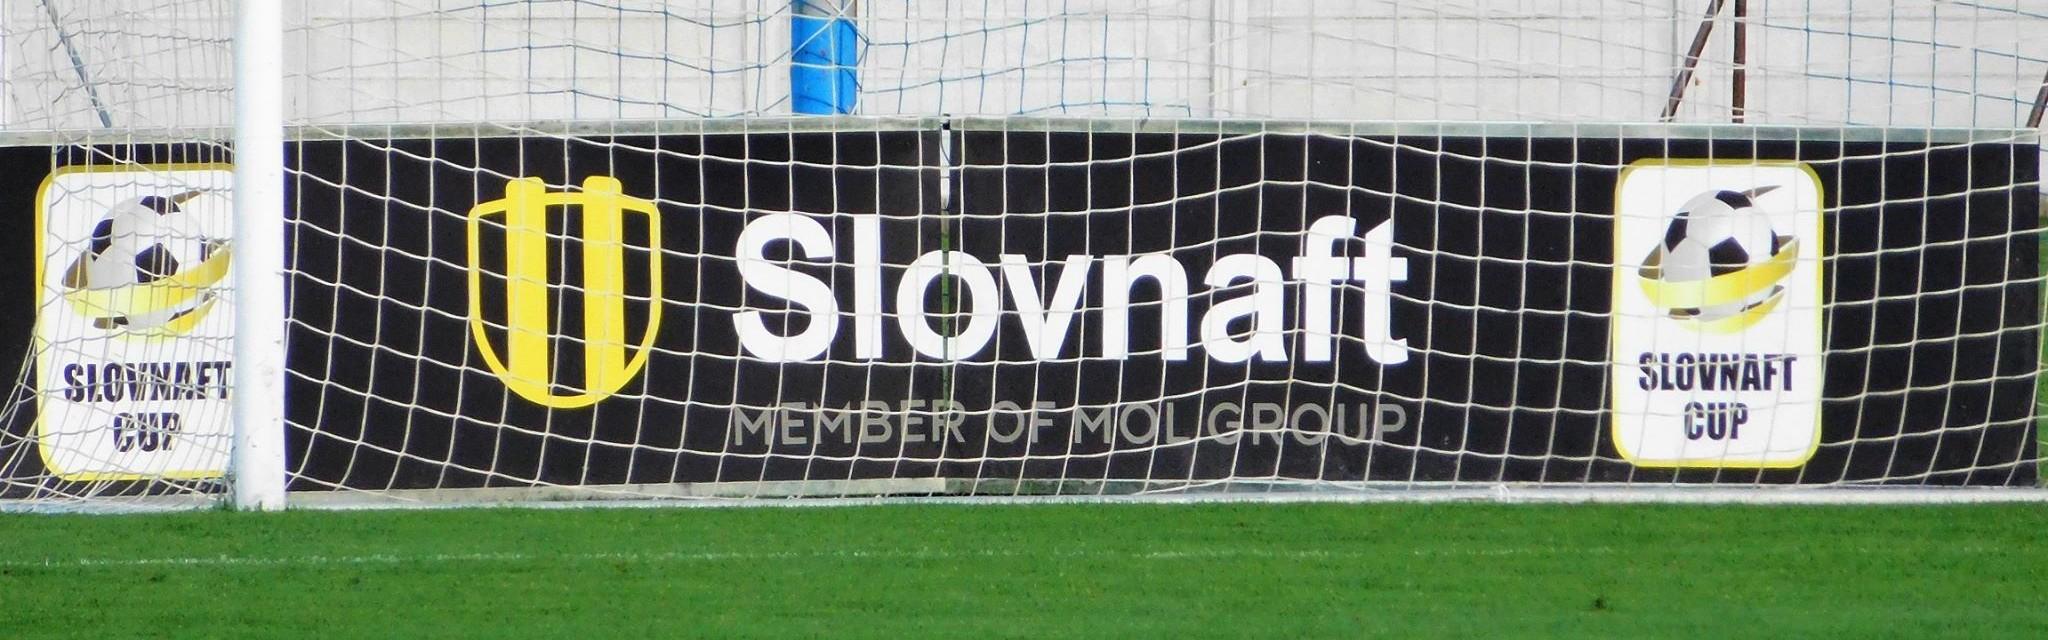 Kompletný program 2. kola Slovnaft Cupu